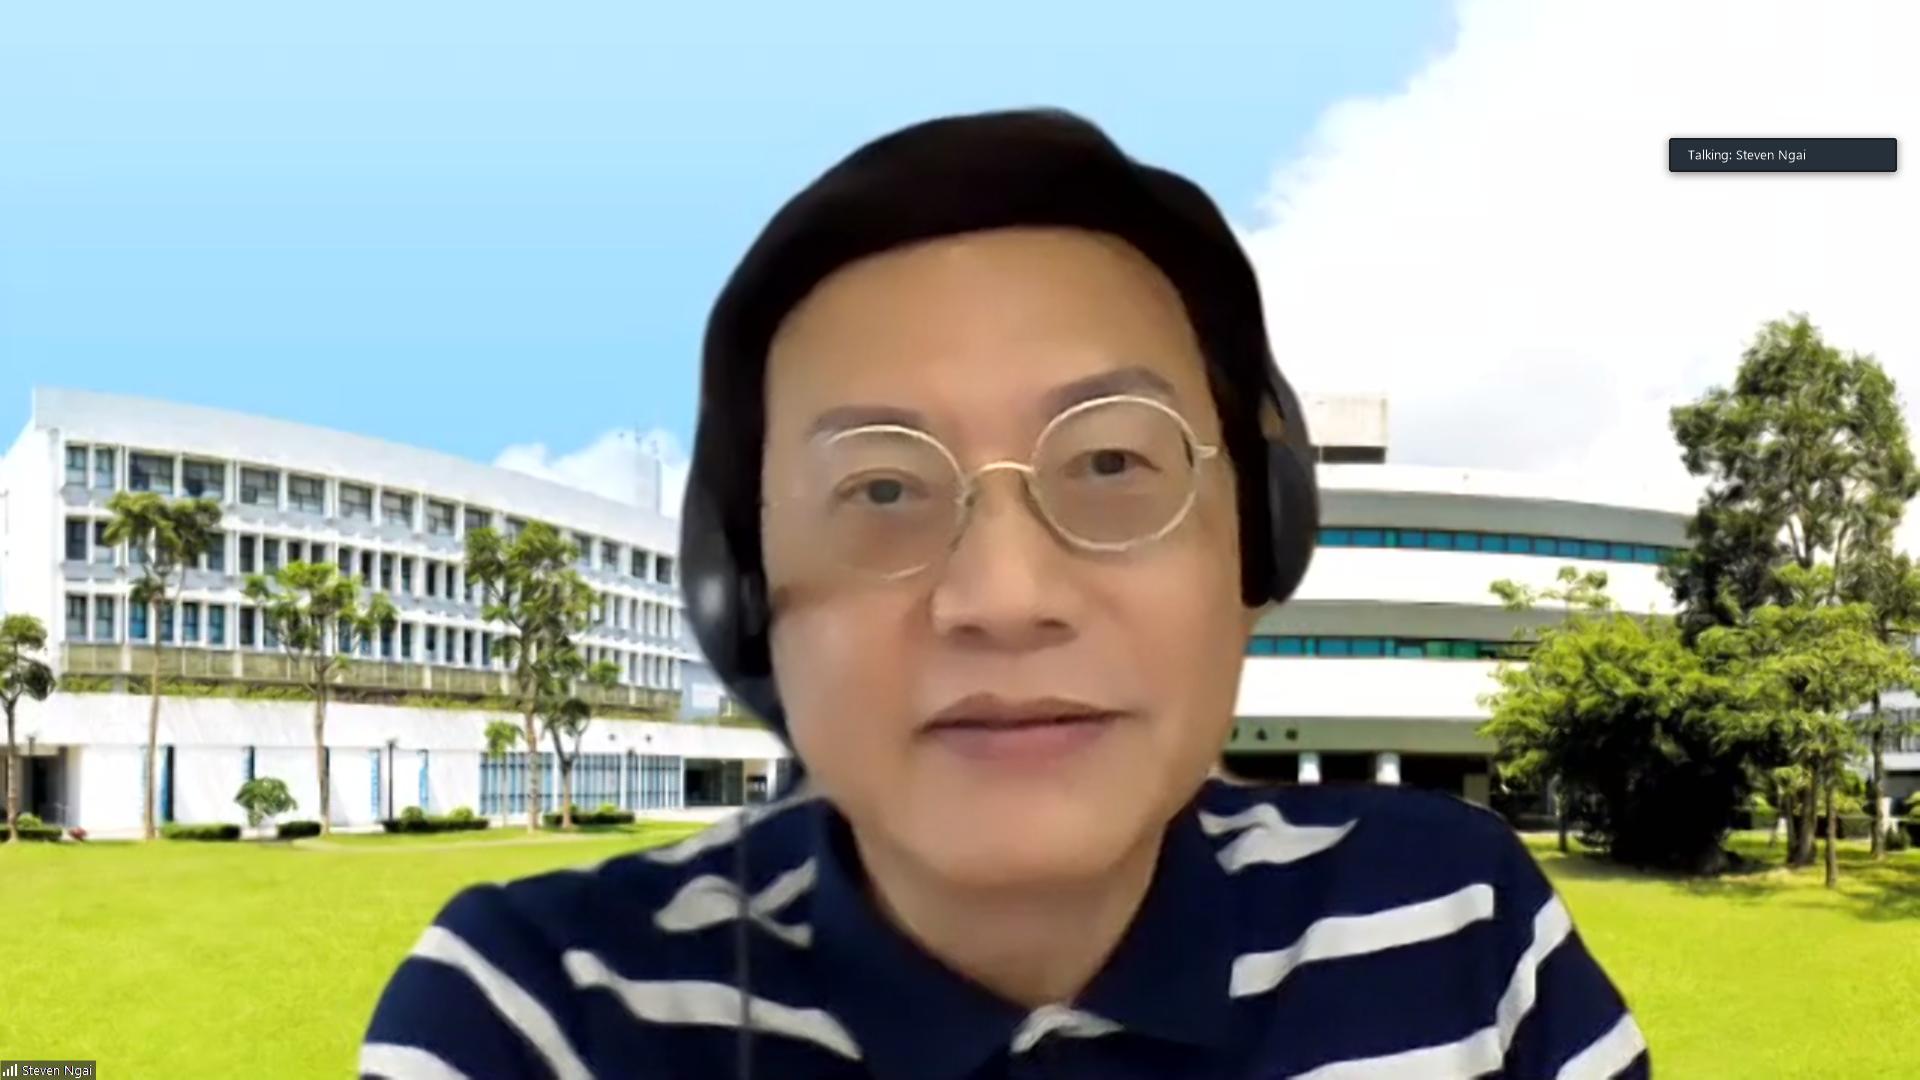 Prof. Steven Ngai